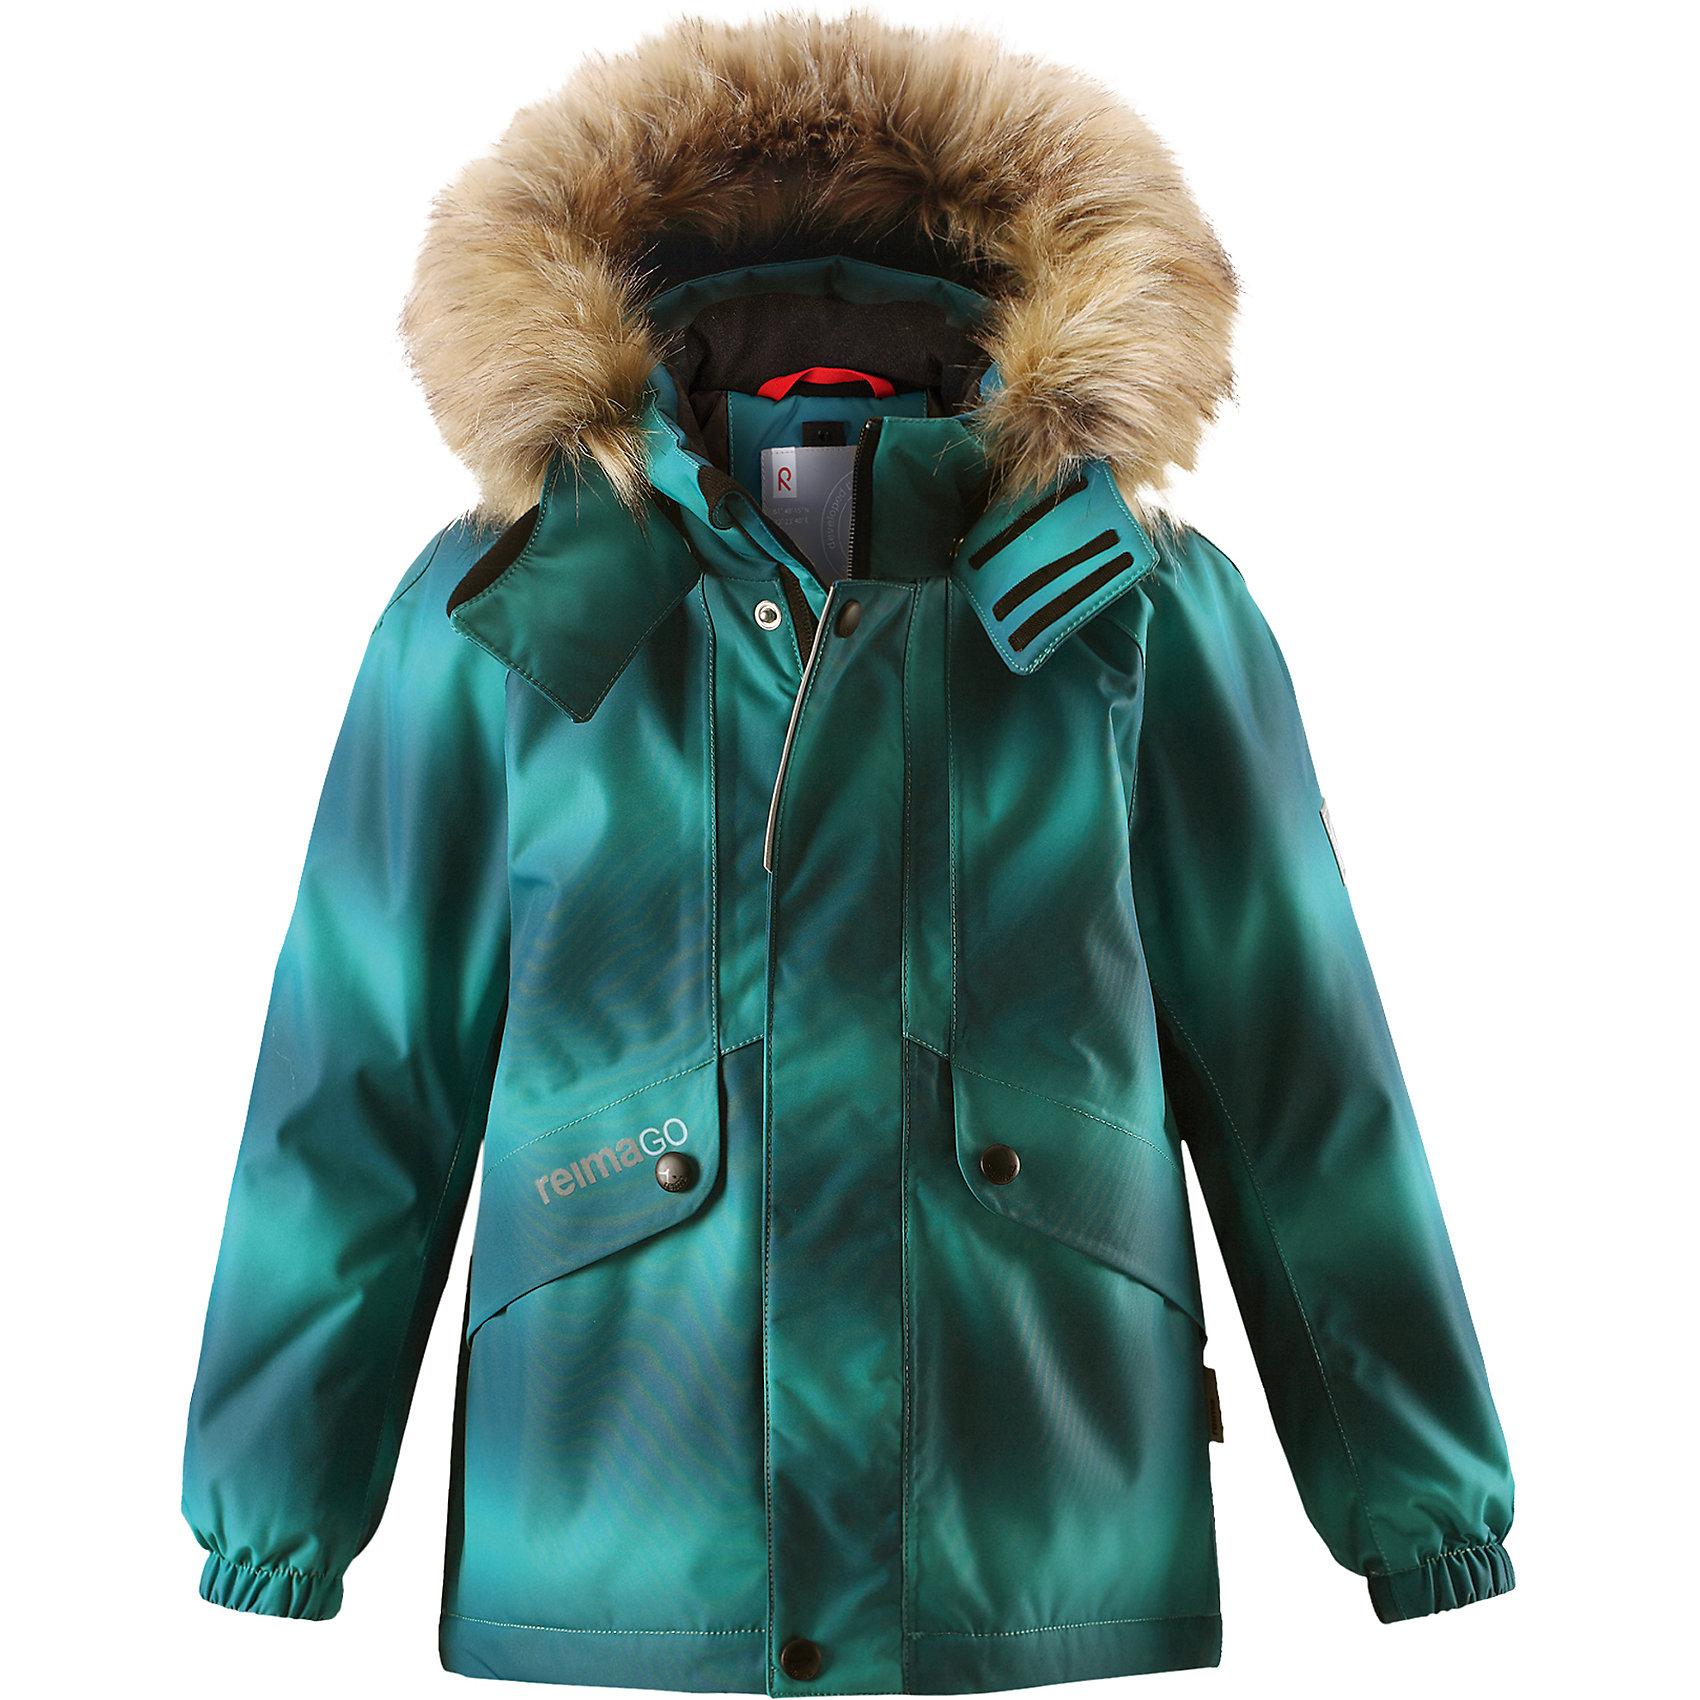 Куртка Furu Reimatec® ReimaОдежда<br>Детская абсолютно непромокаемая зимняя куртка Reimatec® изготовлена из водо- и ветронепроницаемого, прочного и дышащего материала, который эффективно отталкивает грязь. Все швы проклеены, водонепроницаемы. В этой модели прямого покроя подол при необходимости легко регулируется, что позволяет подогнать куртку точно по фигуре. Съемный и регулируемый капюшон защищает от пронизывающего ветра и проливного дождя, а еще он безопасен во время игр на свежем воздухе. <br><br>С помощью удобной системы кнопок Play Layers® к этой куртке можно присоединять одежду промежуточного слоя Reima®, которая подарит вашему ребенку дополнительное тепло и комфорт. В куртке предусмотрены два кармана на молнии, внутренний нагрудный карман, карман для сенсора ReimaGO® и множество светоотражающих деталей. Эта куртка очень проста в уходе, кроме того, ее можно сушить в стиральной машине. <br>Состав:<br>100% Полиэстер<br><br>Ширина мм: 356<br>Глубина мм: 10<br>Высота мм: 245<br>Вес г: 519<br>Цвет: зеленый<br>Возраст от месяцев: 96<br>Возраст до месяцев: 108<br>Пол: Унисекс<br>Возраст: Детский<br>Размер: 134,140,110,104,116,122,128<br>SKU: 6901265